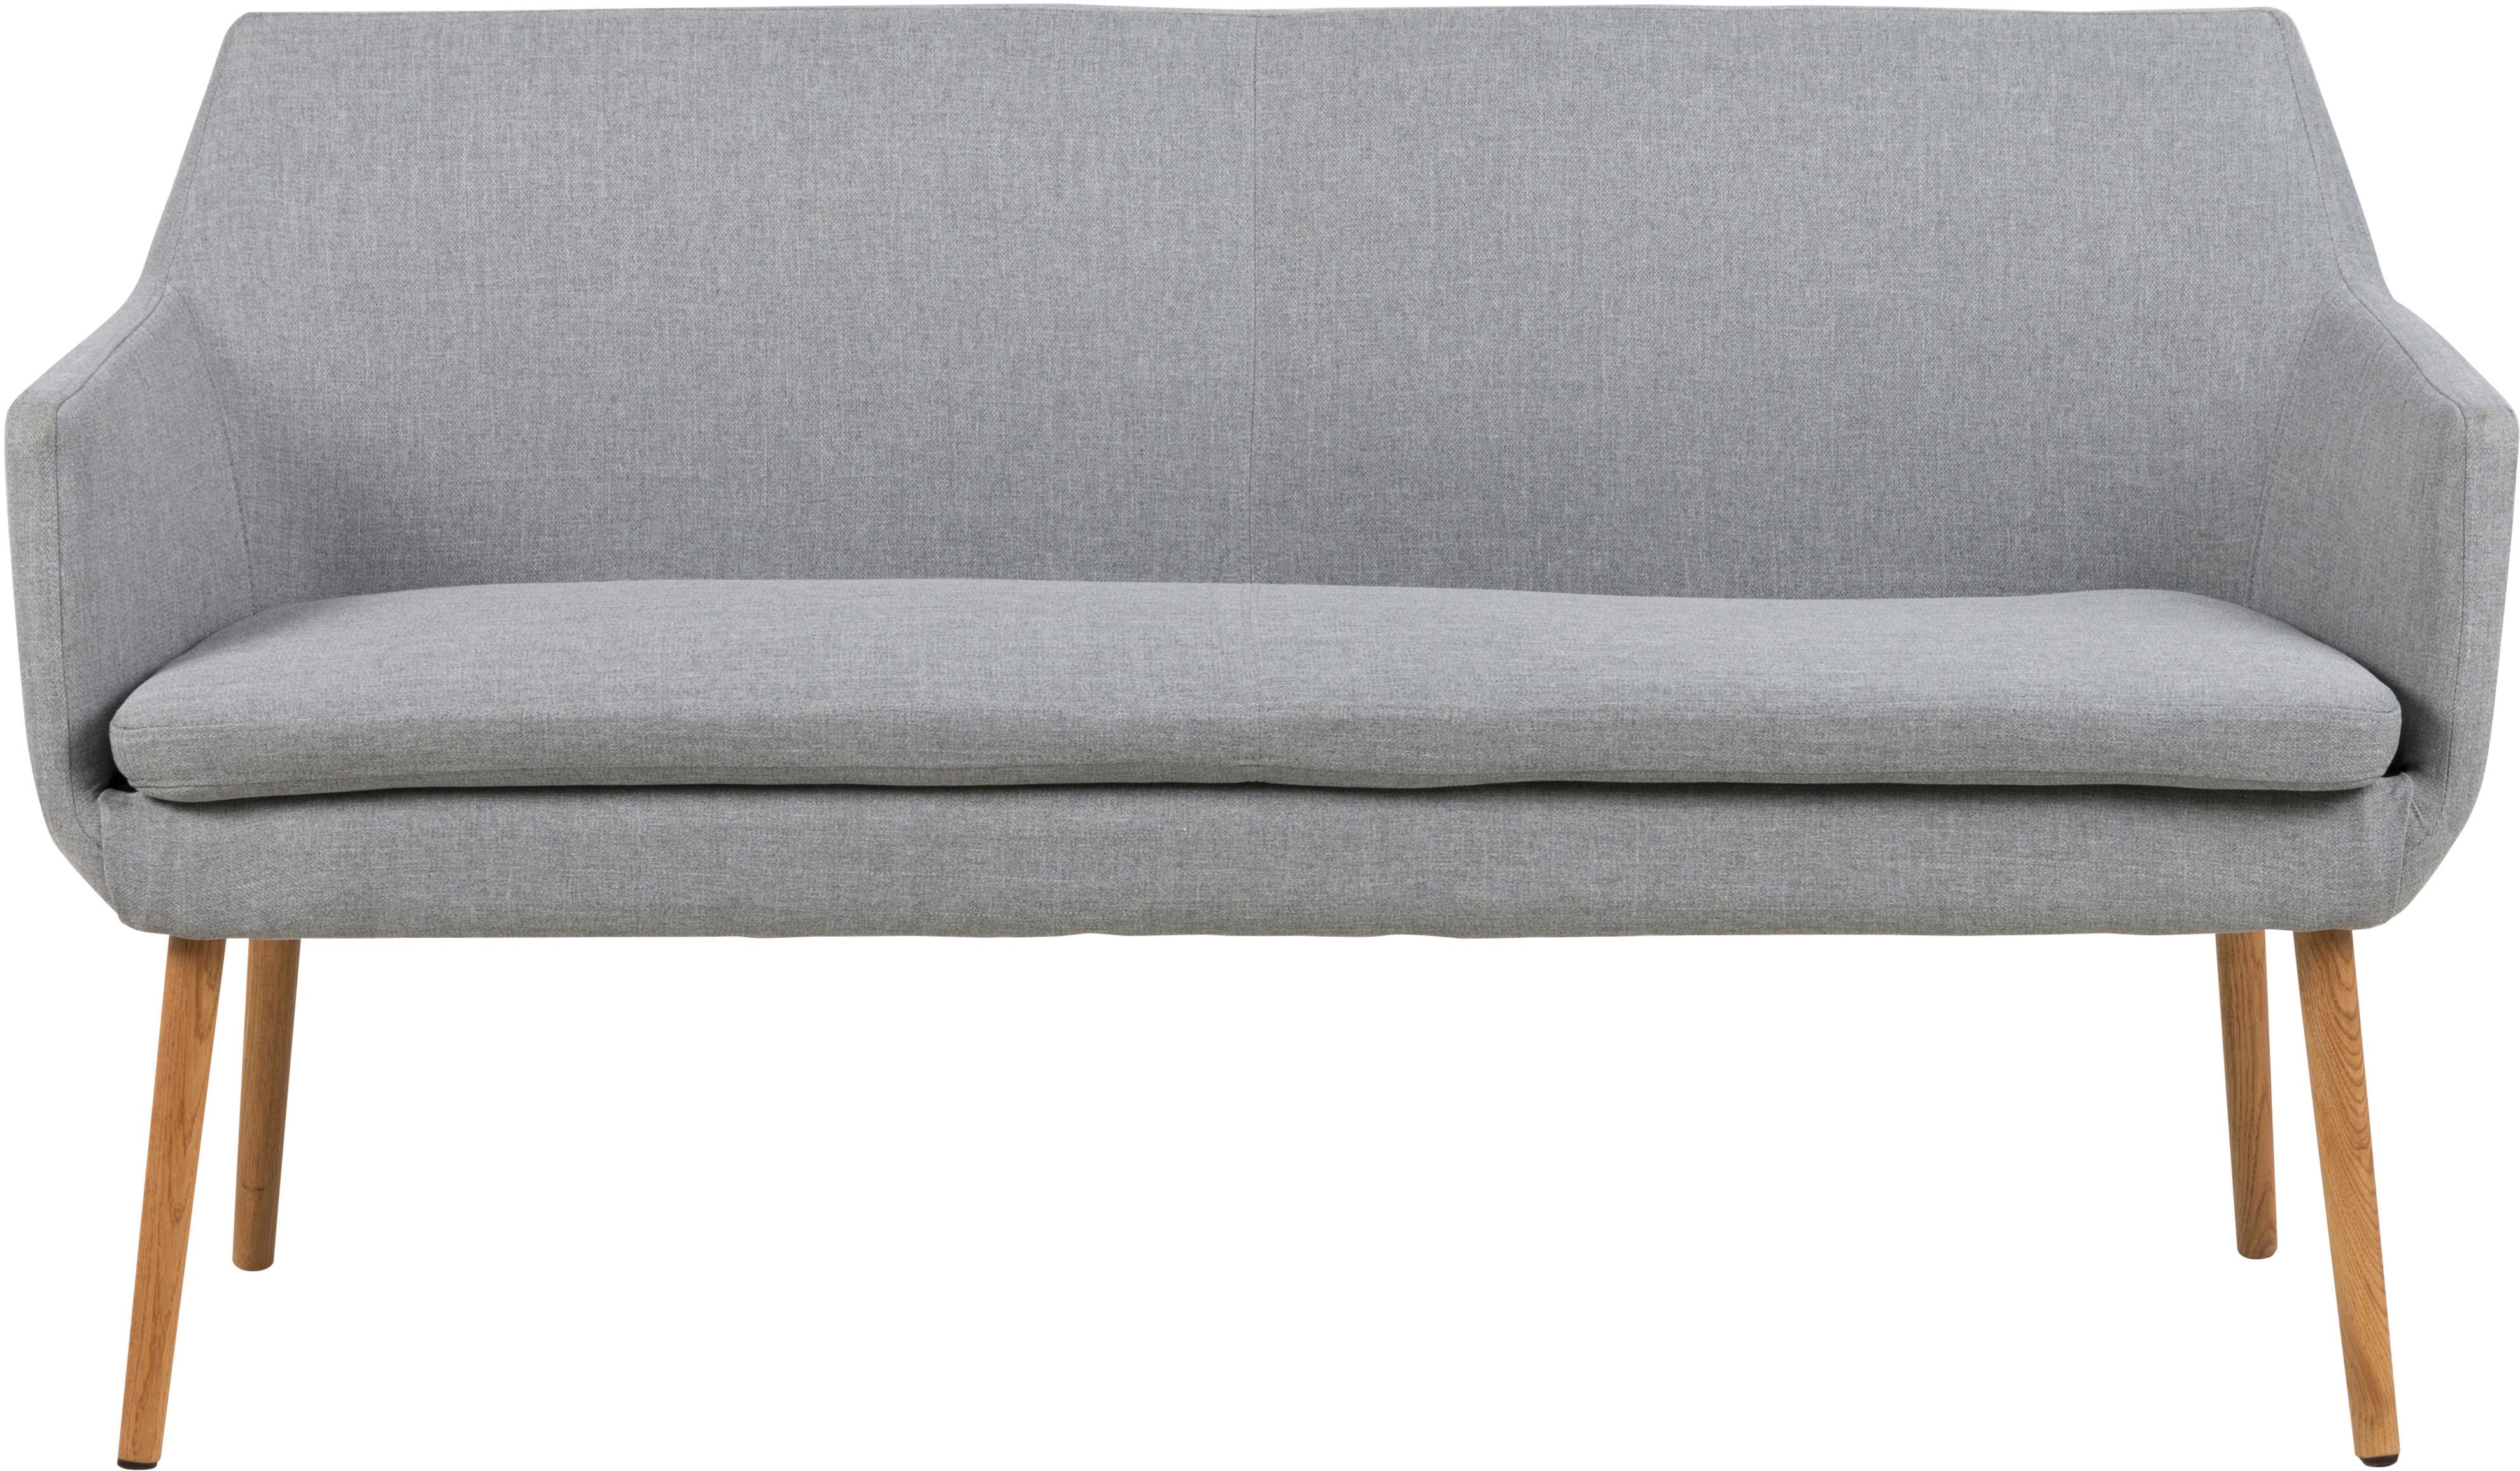 Eetkamerbank Nora, Bekleding: 100% polyester, Frame: eikenhout, Bekleding: grijs. Frame: eikenhoutkleurig, 159 x 86 cm